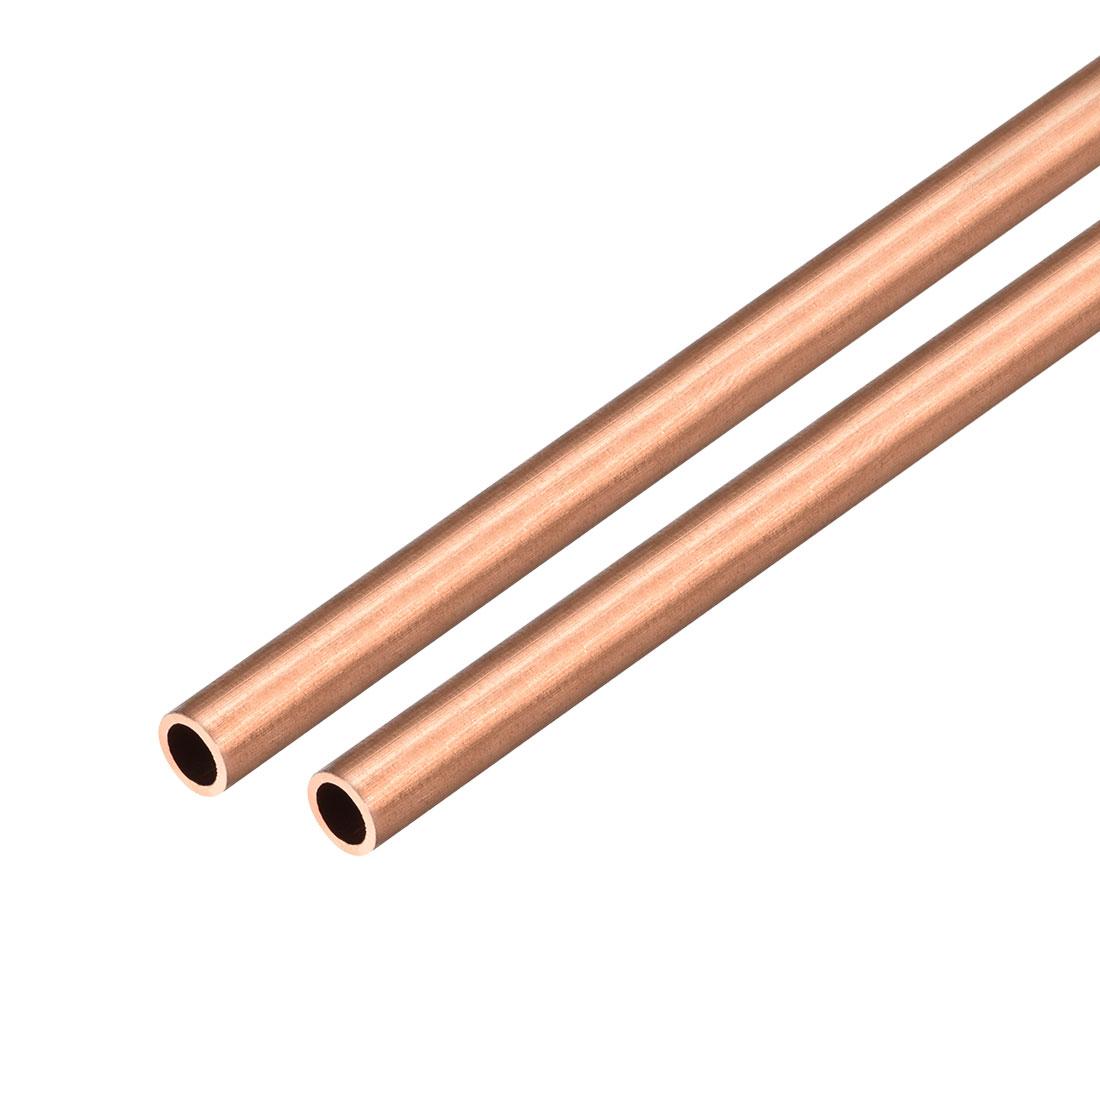 2Pcs 8mm Outside Diameter x 6mm Inside Diameter 500mm Copper Round Tube Pipe